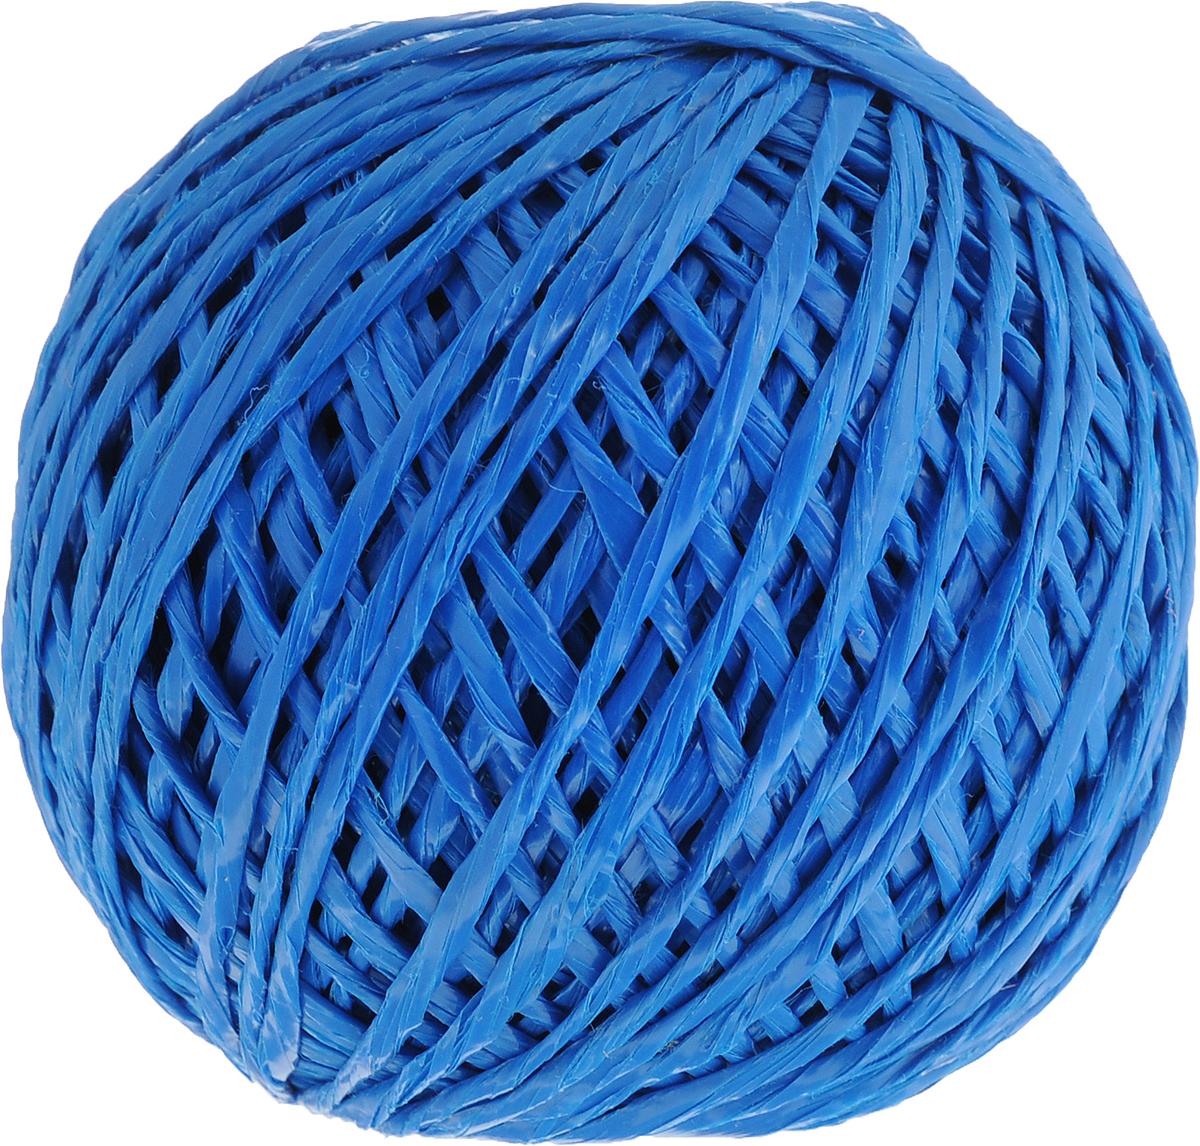 Шпагат Шнурком, цвет: синий, длина 100 мШпп_100_синийПолипропиленовый шпагат Шнурком плотностью 1000 текс входит в категорию веревочной продукции, сырьем для которой являются синтетические волокна, в частности полипропиленовая нить. Данный материал характеризуется высокой прочностью и стойкостью к износу. Кроме того, он эластичен, гибок, не боится многократных изгибов, плотно облегает изделие при обвязке и легко завязывается в крепкие узлы. Относительная удельная плотность полипропиленовых шпагатов варьируется от 0,70 до 0,91 кг/м3. Температура плавления от 150 до 170°C (в зависимости от вида и модели шпагата). Удлинение под предельной нагрузкой (18-20%).Длина шпагата: 100 м. Толщина нити: 2 мм. Линейная плотность шпагата: 1000 текс.